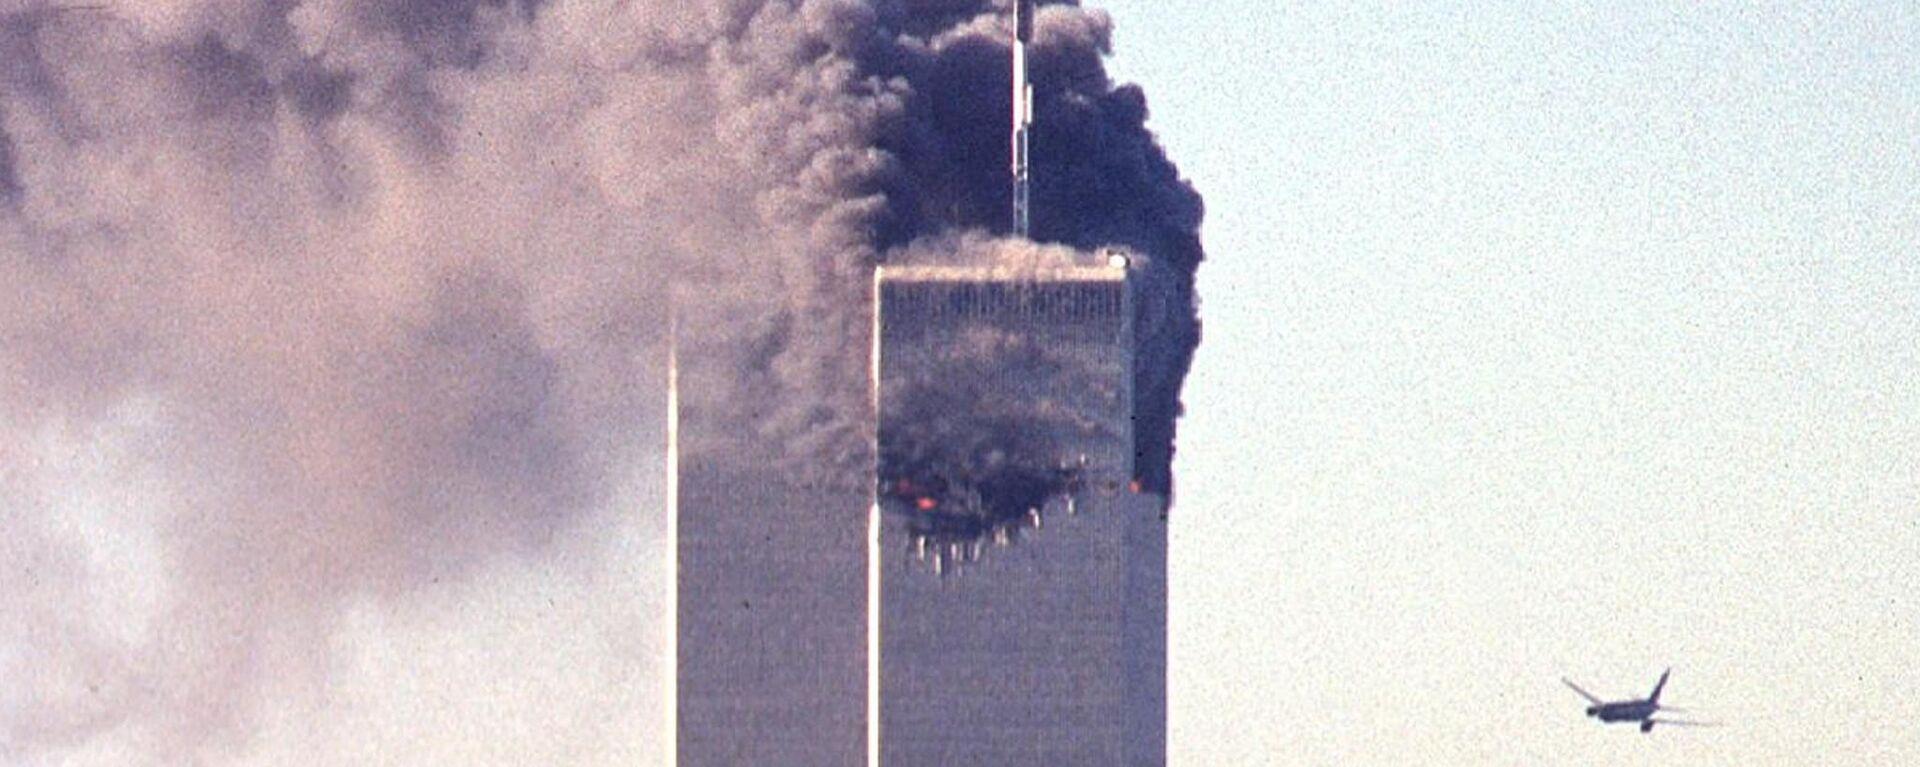 Bojovníci Al-Káidy se zmocnili čtyř dopravních letadel a zamířili dvě z nich na věže Světového obchodního centra (WTC), a dvě další – na Pentagon a pravděpodobně také na Bílý dům nebo na Kapitol - Sputnik Česká republika, 1920, 12.09.2021